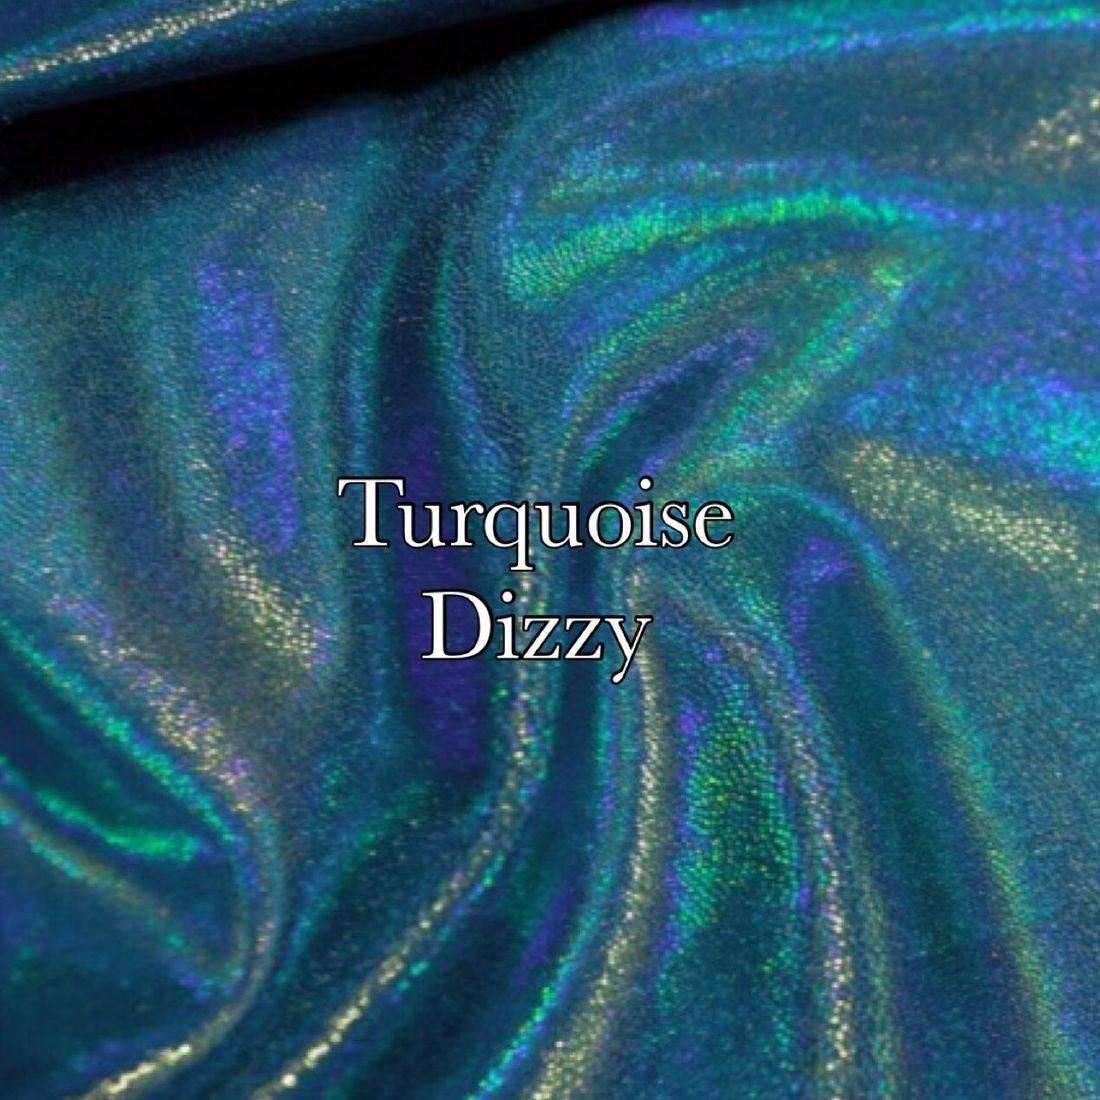 Turquoise dizzy